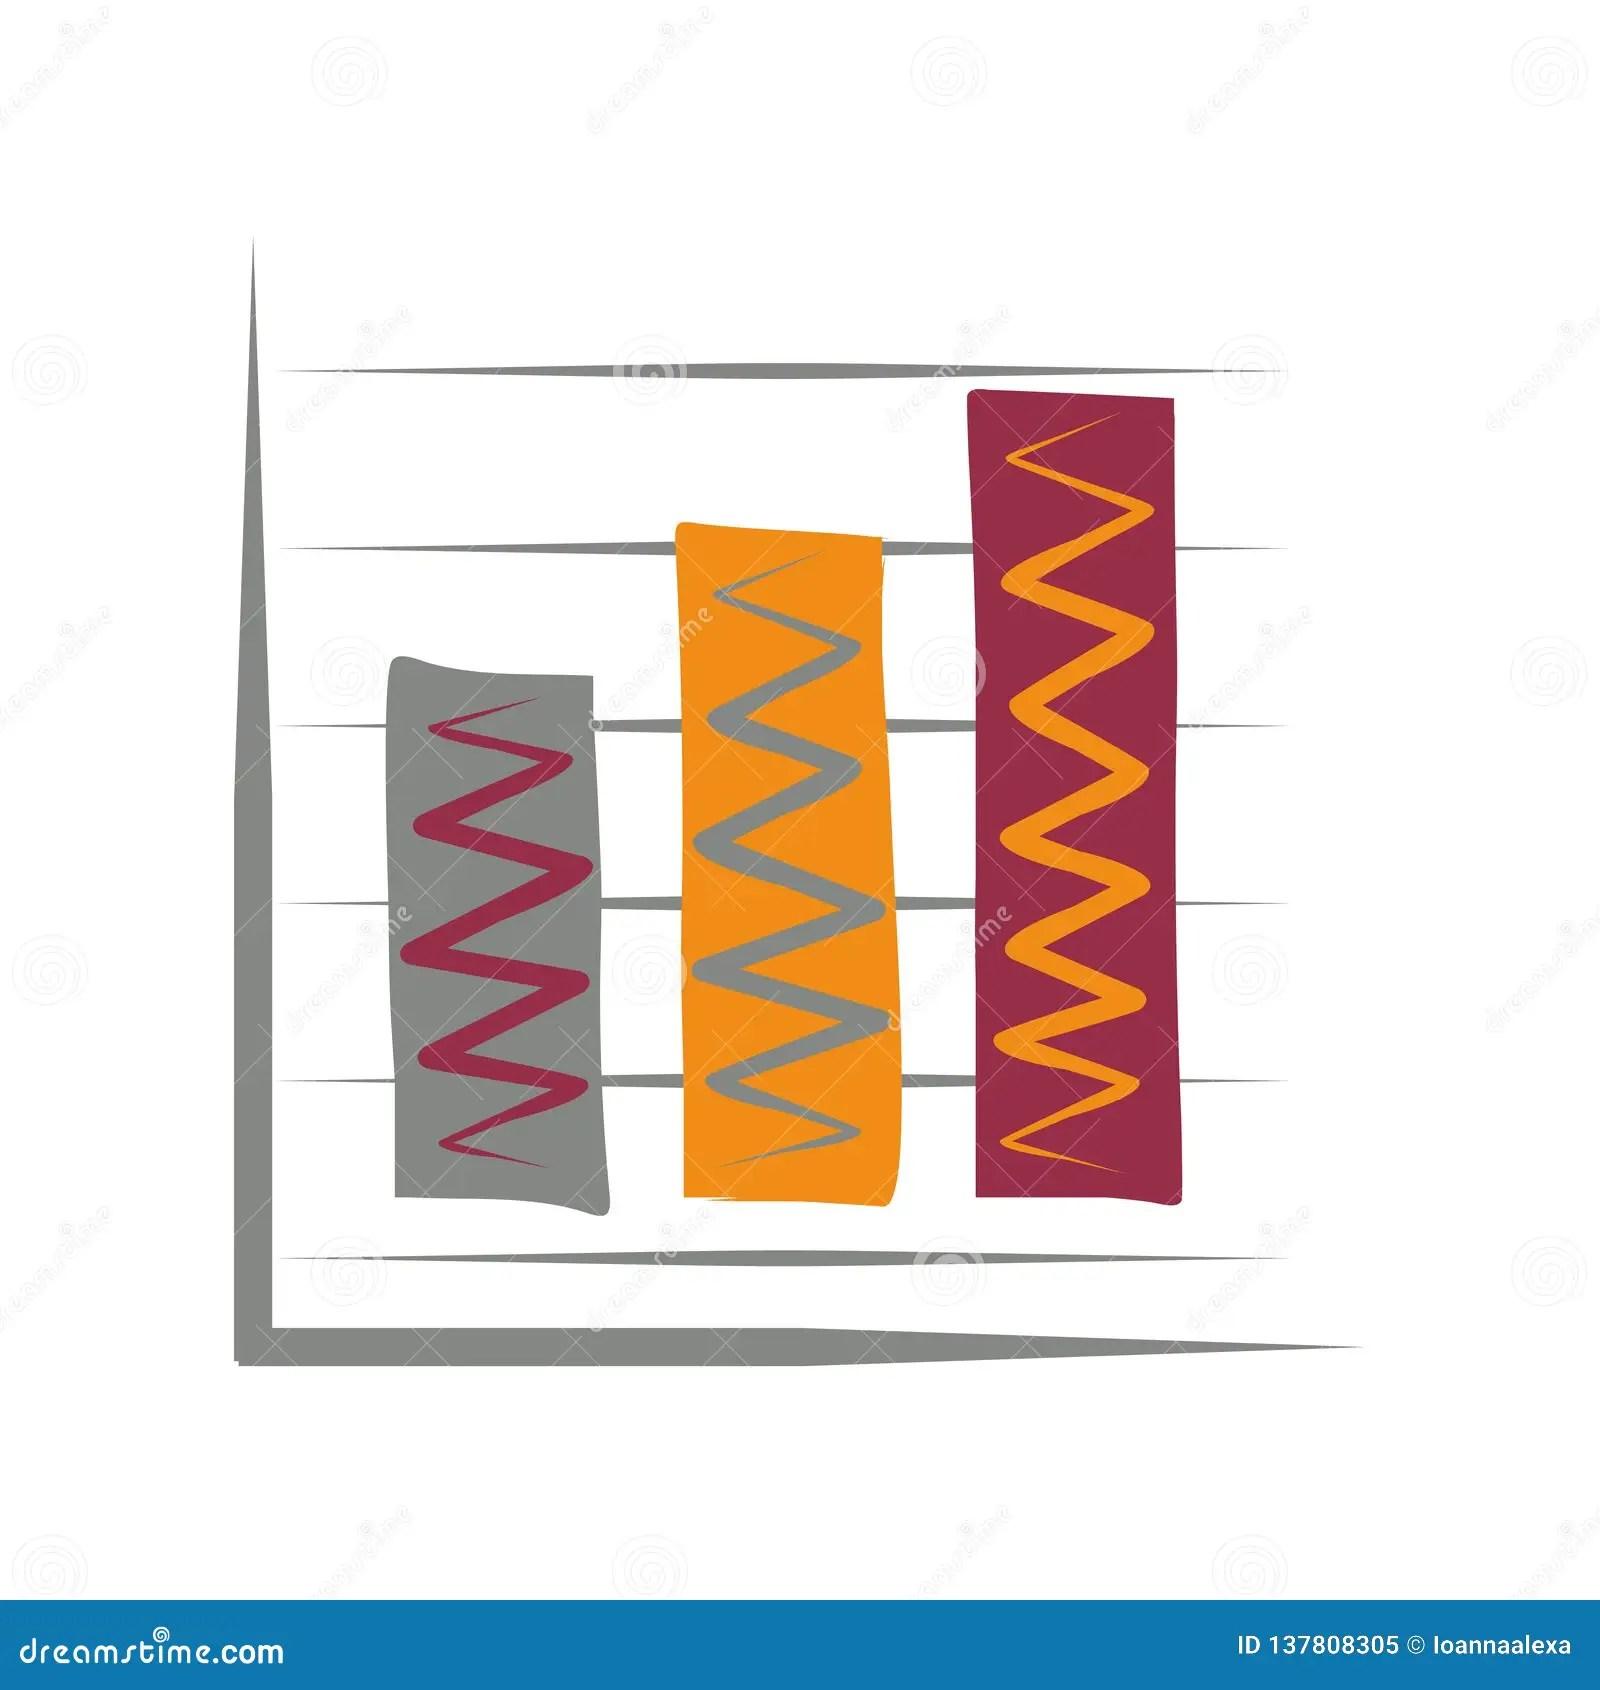 tricolor bar graph icon